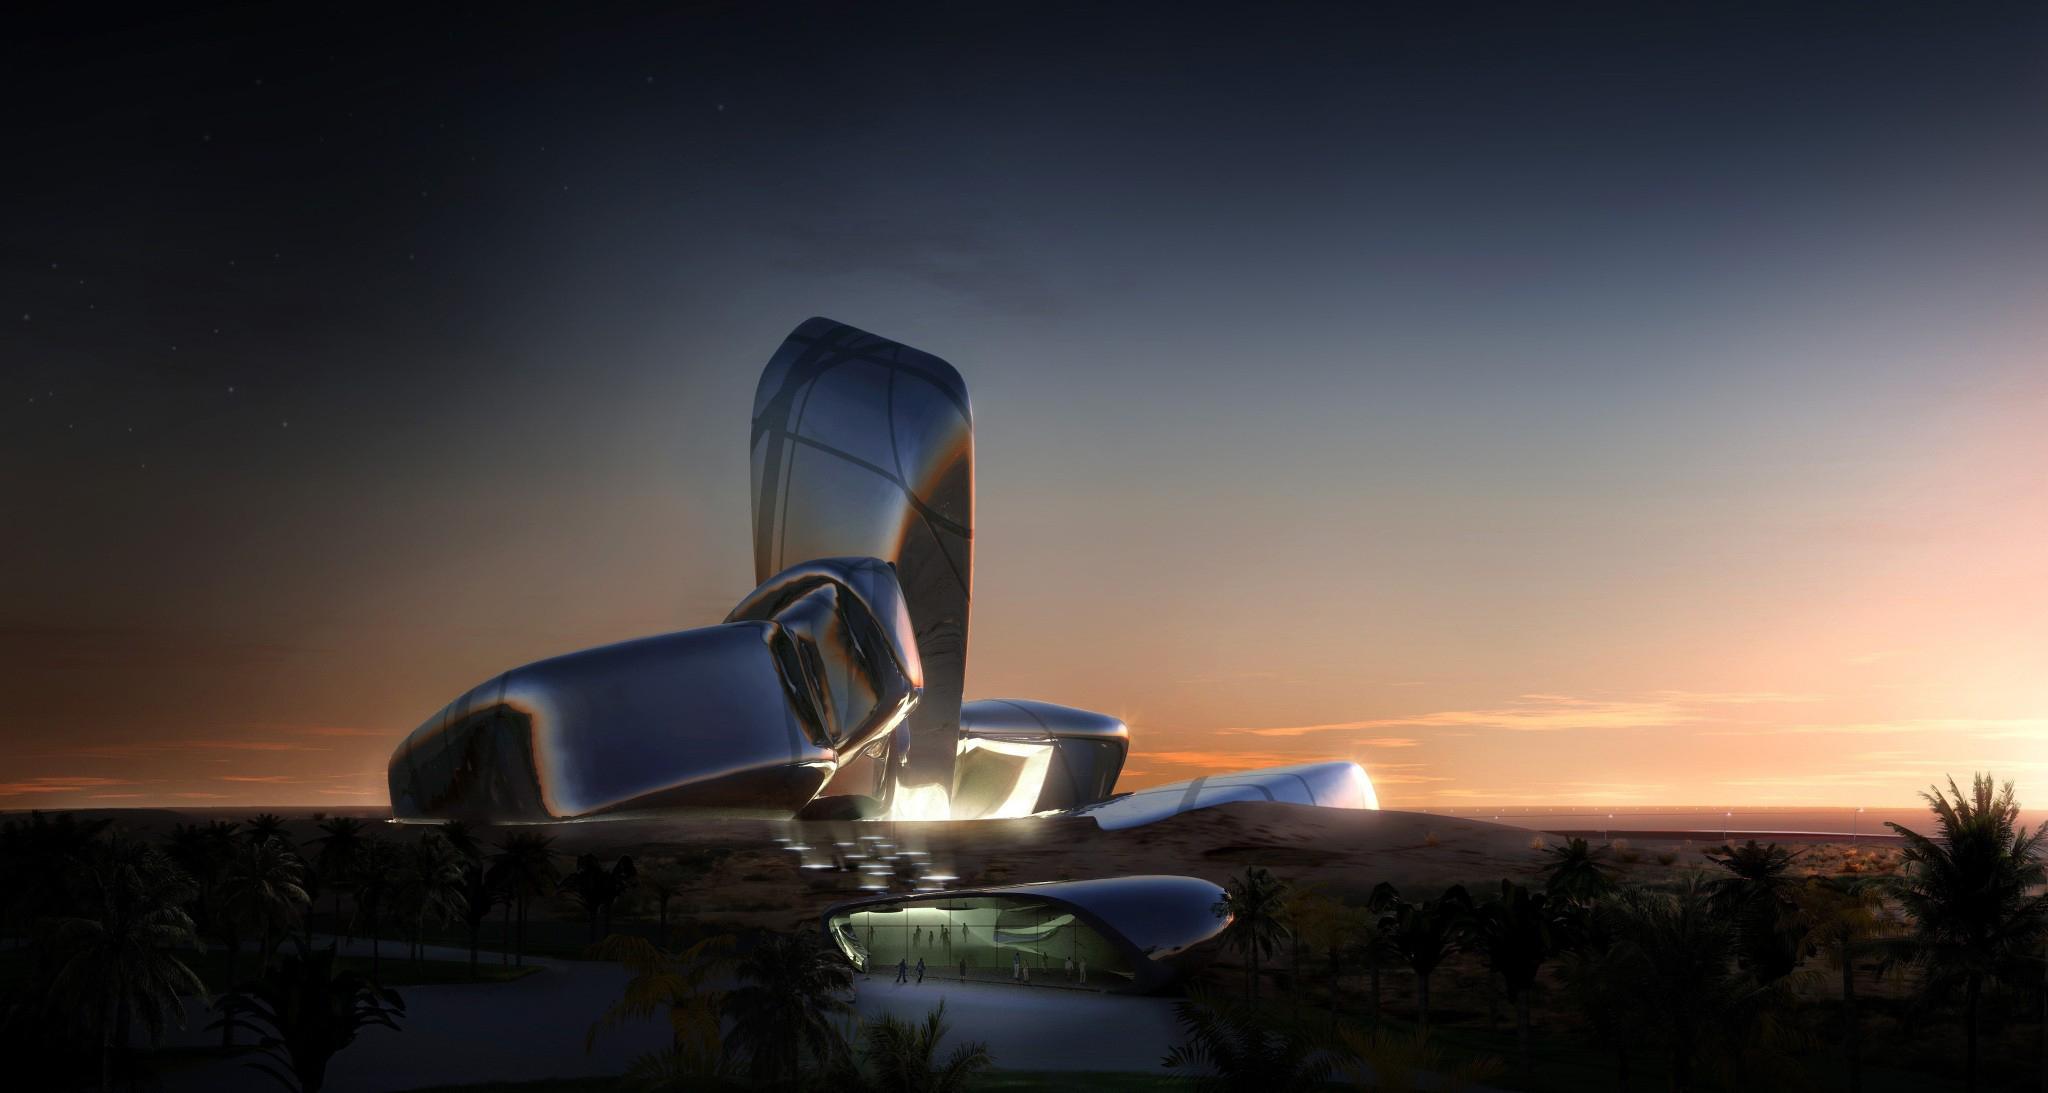 King Abdulaziz Centre for World Culture